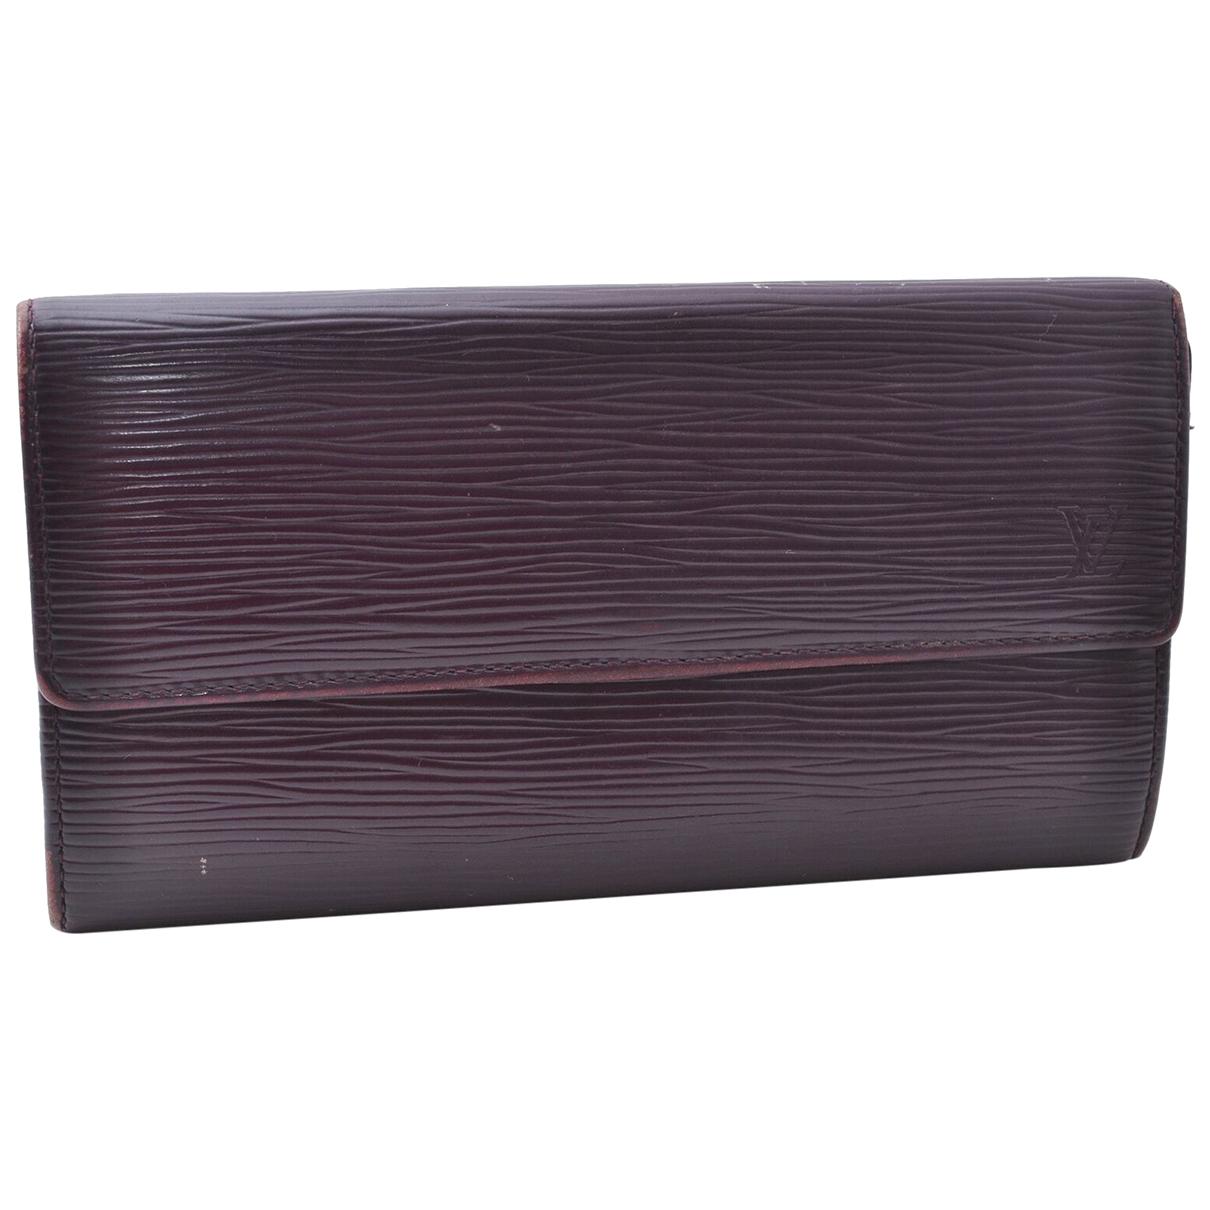 Louis Vuitton - Portefeuille Sarah pour femme en cuir - violet